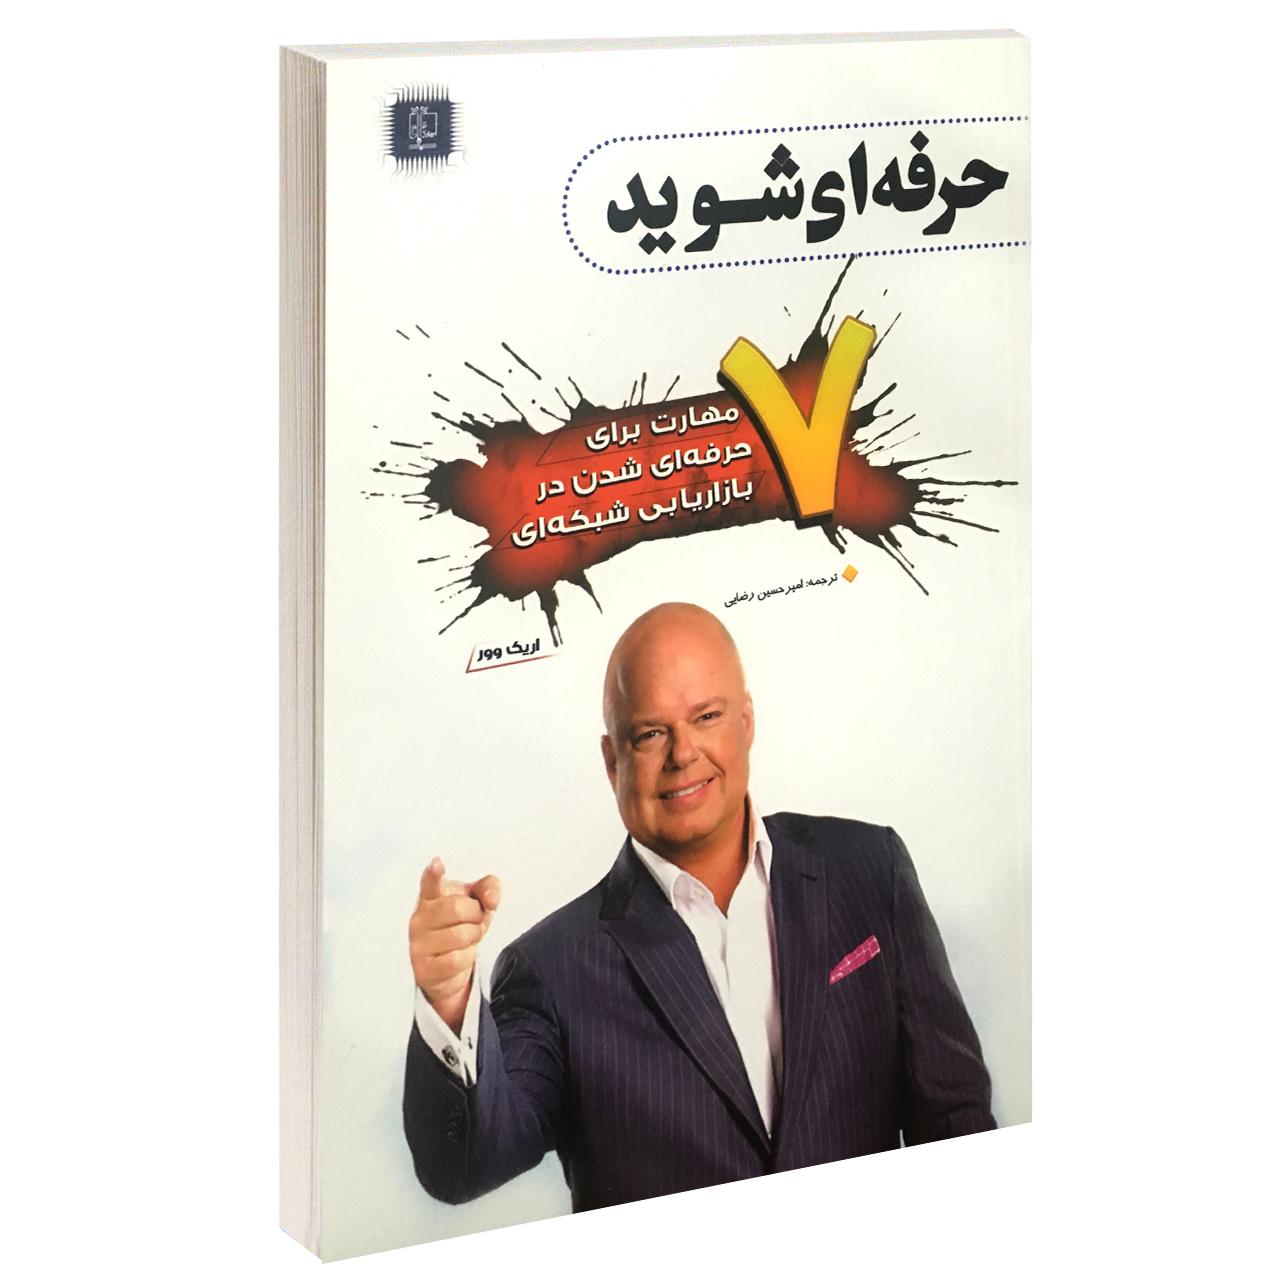 کتاب 7 مهارت برای حرفه ای شدن در بازاریابی شبکه ای اثر اریک وور نشر مهرگان قلم